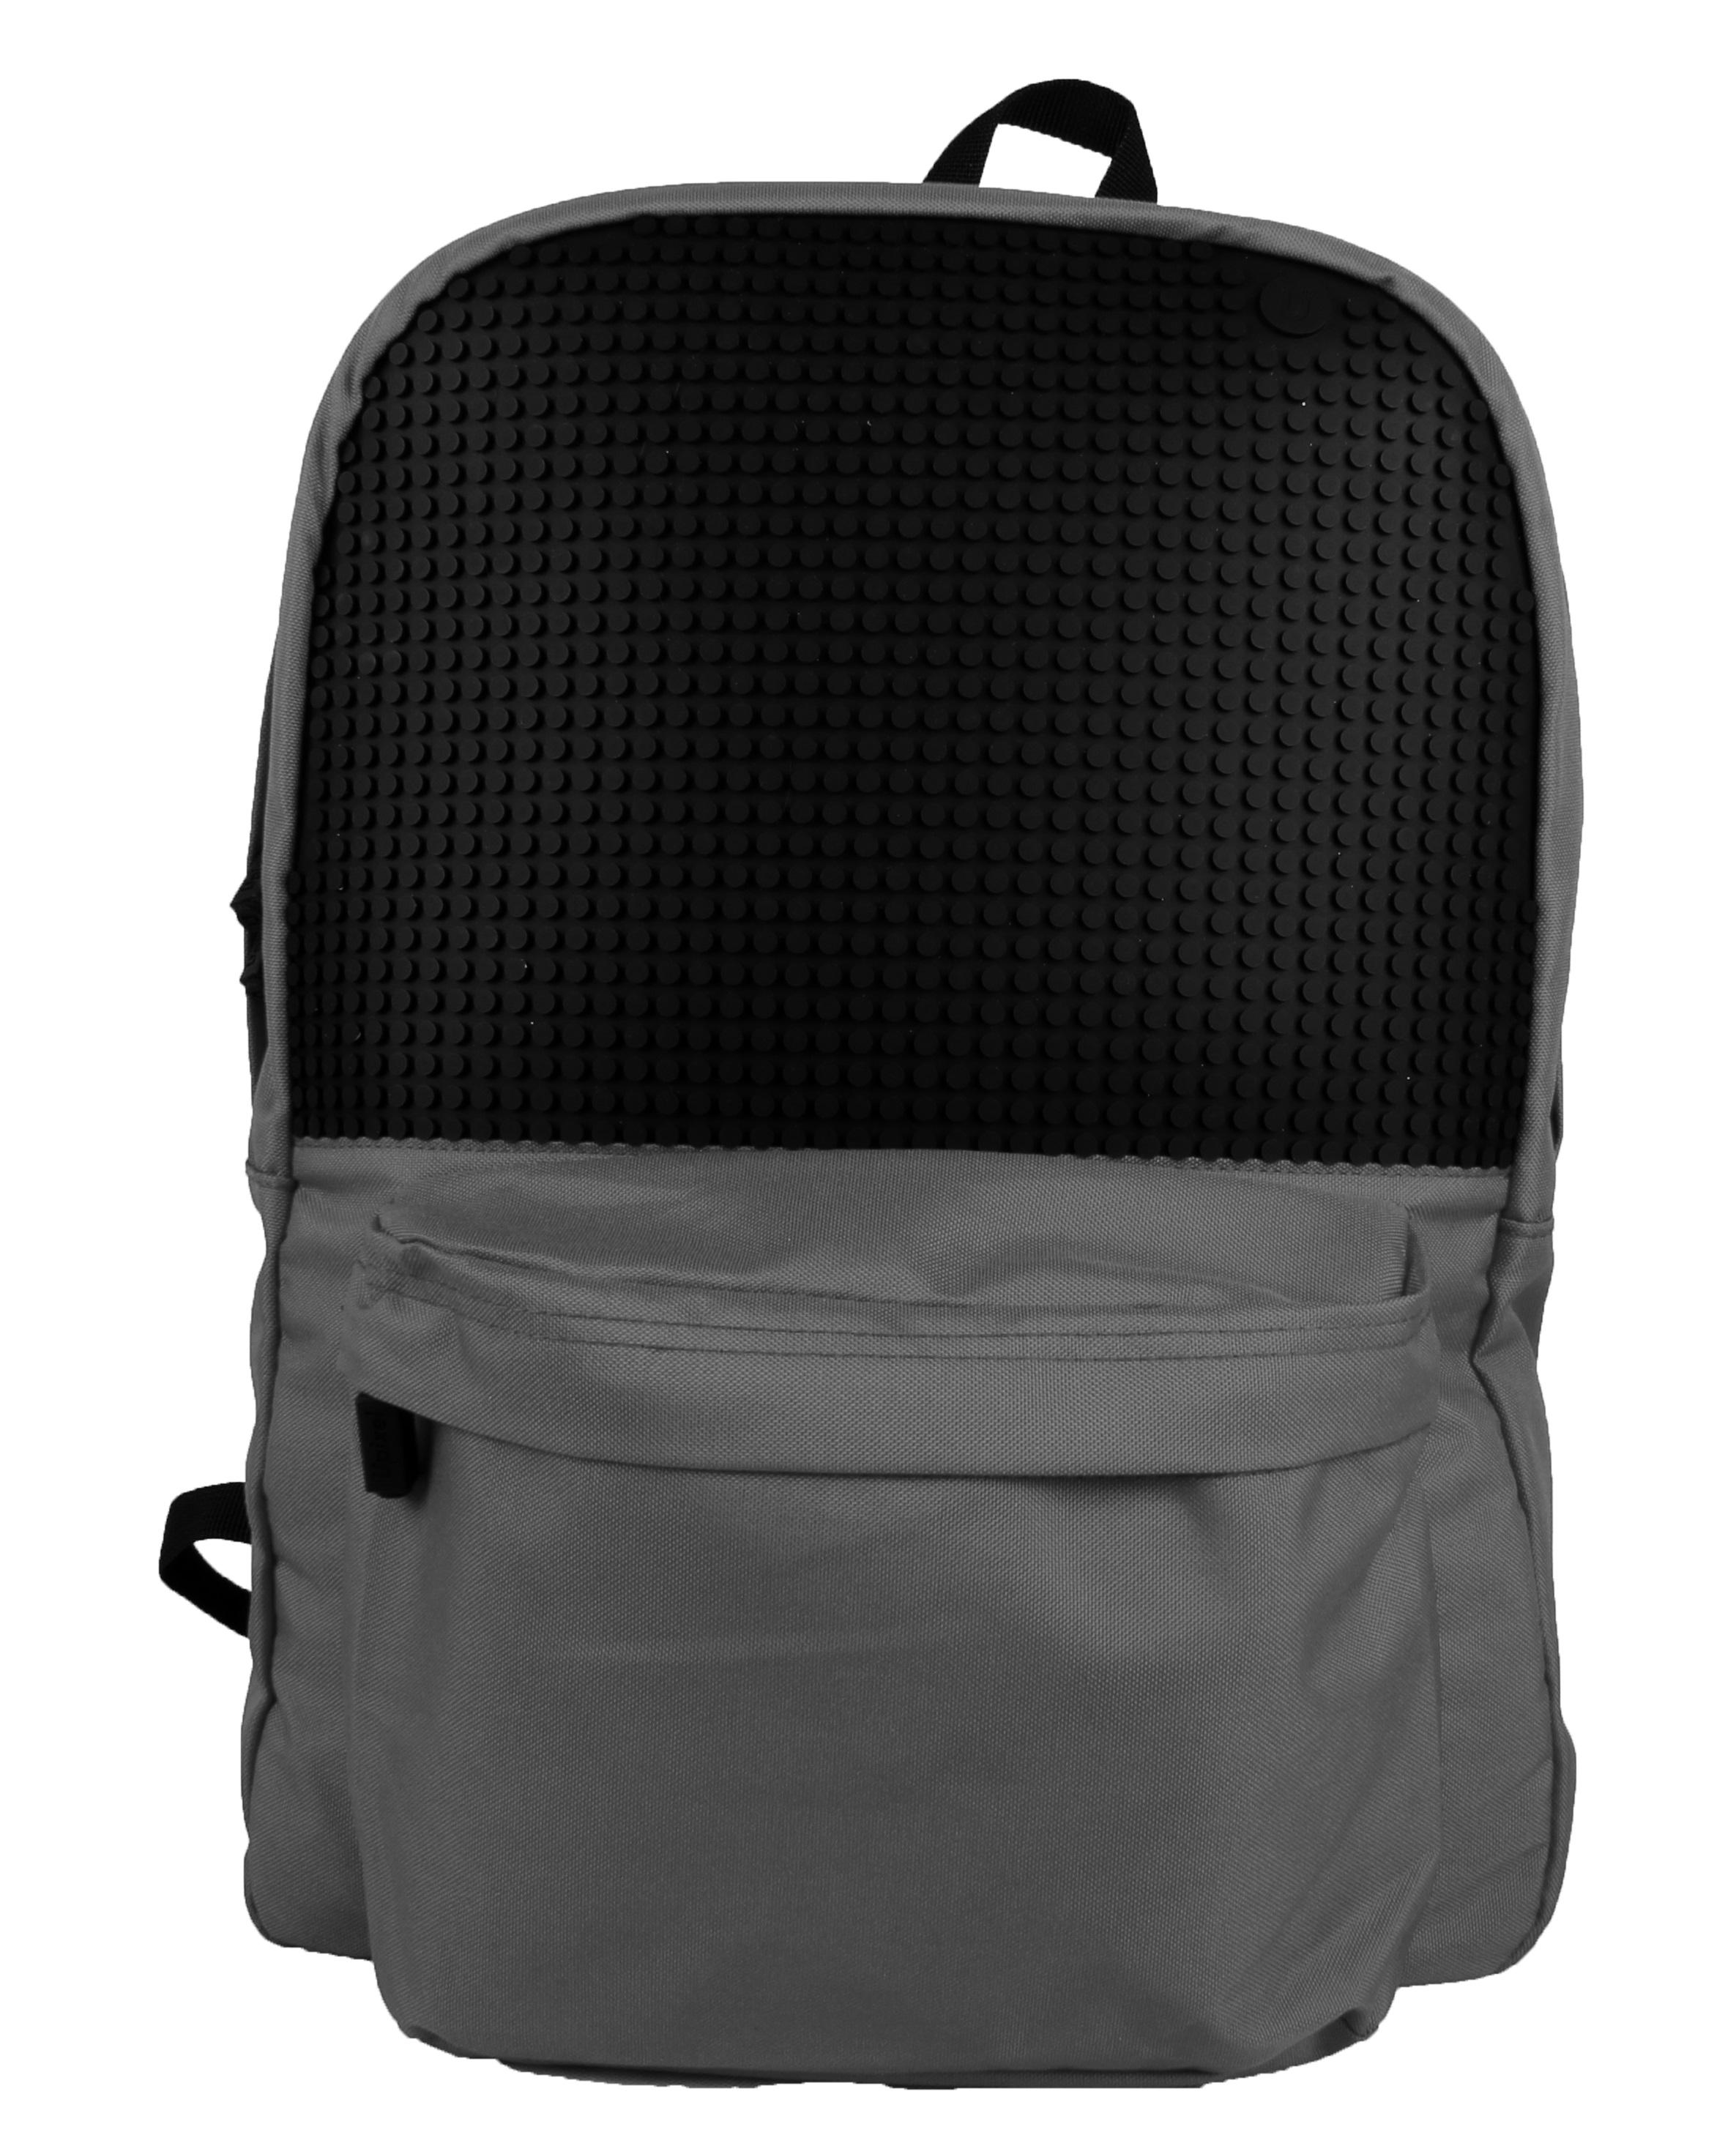 Классический школьный пиксельный рюкзак (Classic school pixel backpack) WY-A013 (Серый)Представляем вашему вниманию классический школьный пиксельный рюкзак (Classic school pixel backpack) WY-A013, имеющий силиконовую панель, на которой с помощью «пикселей» в виде мозаики выкладывается абсолютно любой рисунок.<br>